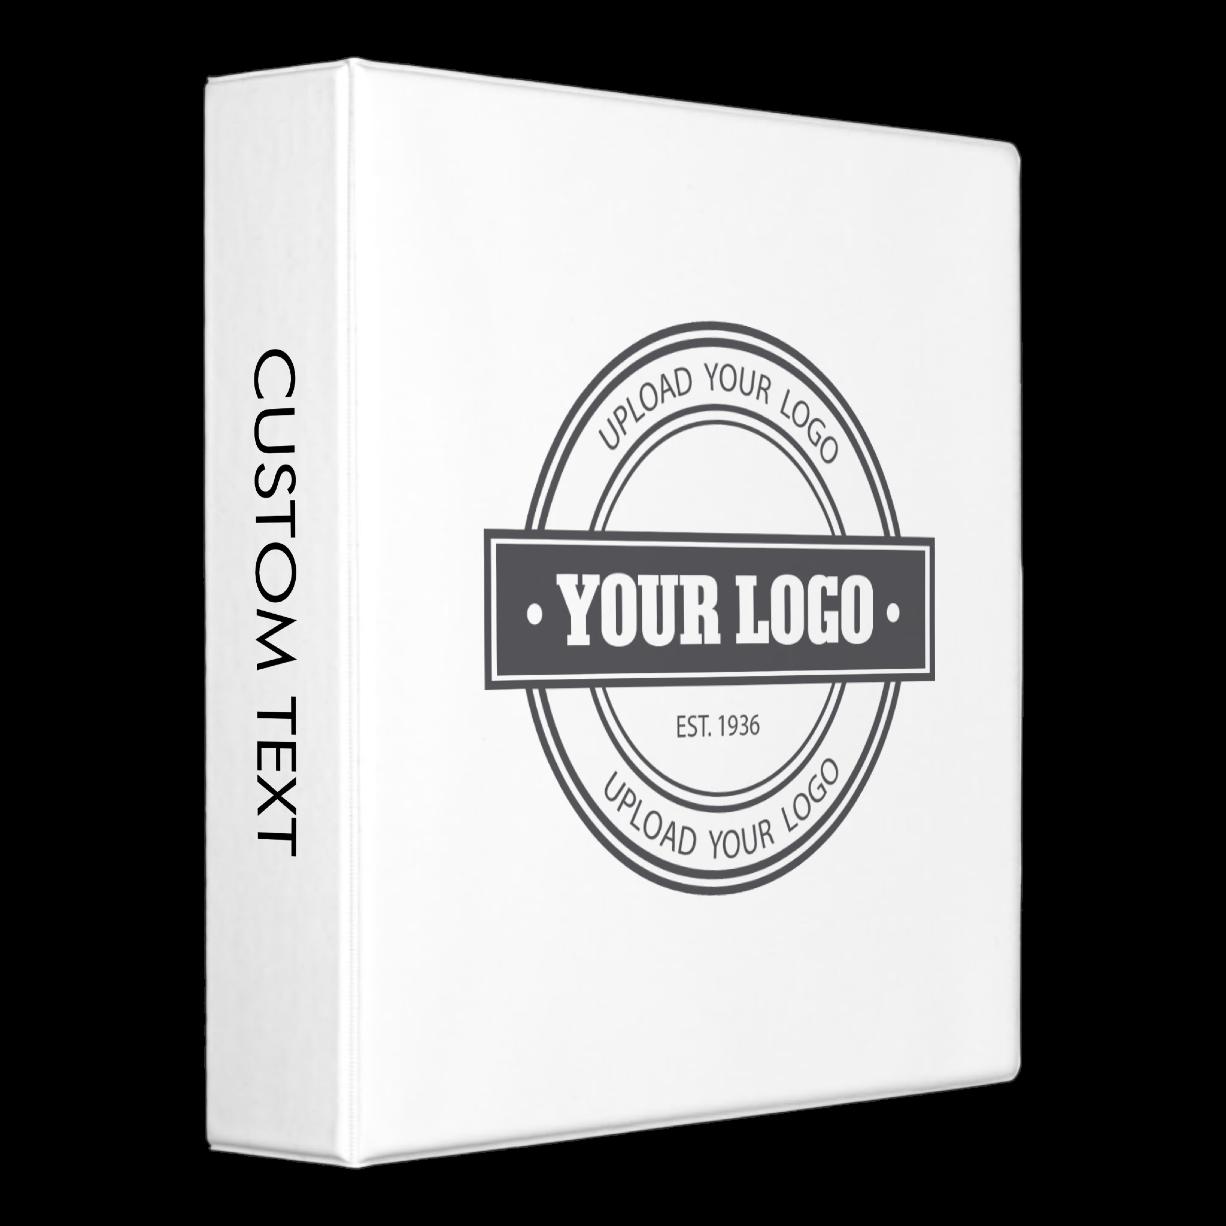 Upload your own logo binder